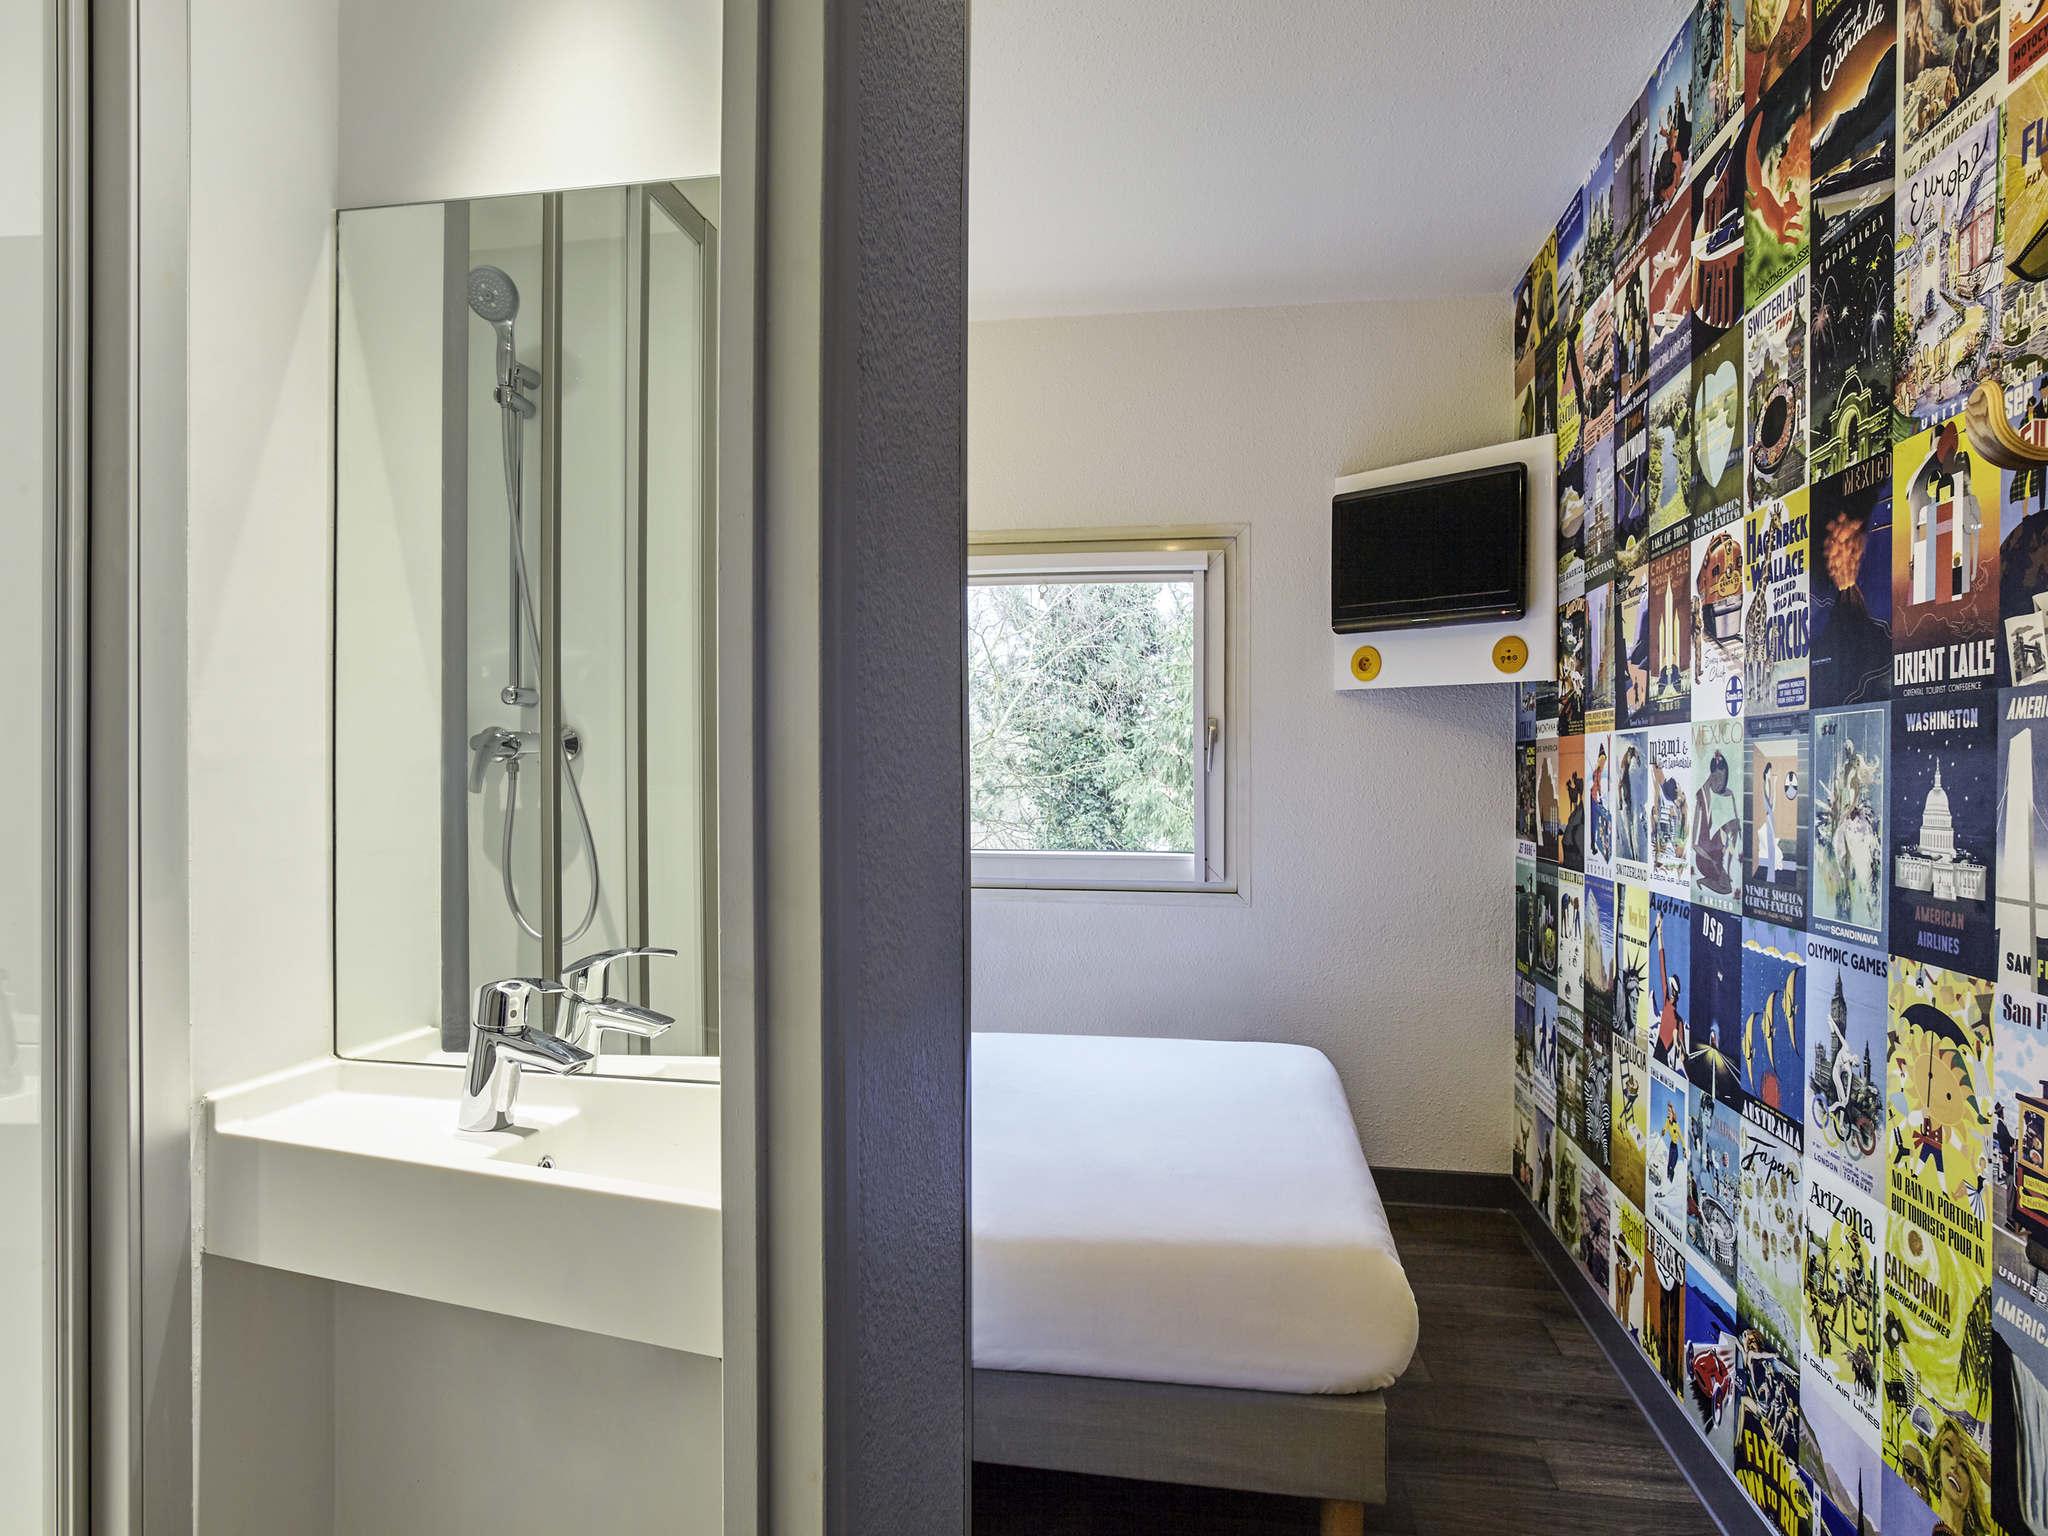 Hotel – hotelF1 Marselha Plan de Campagne N°1